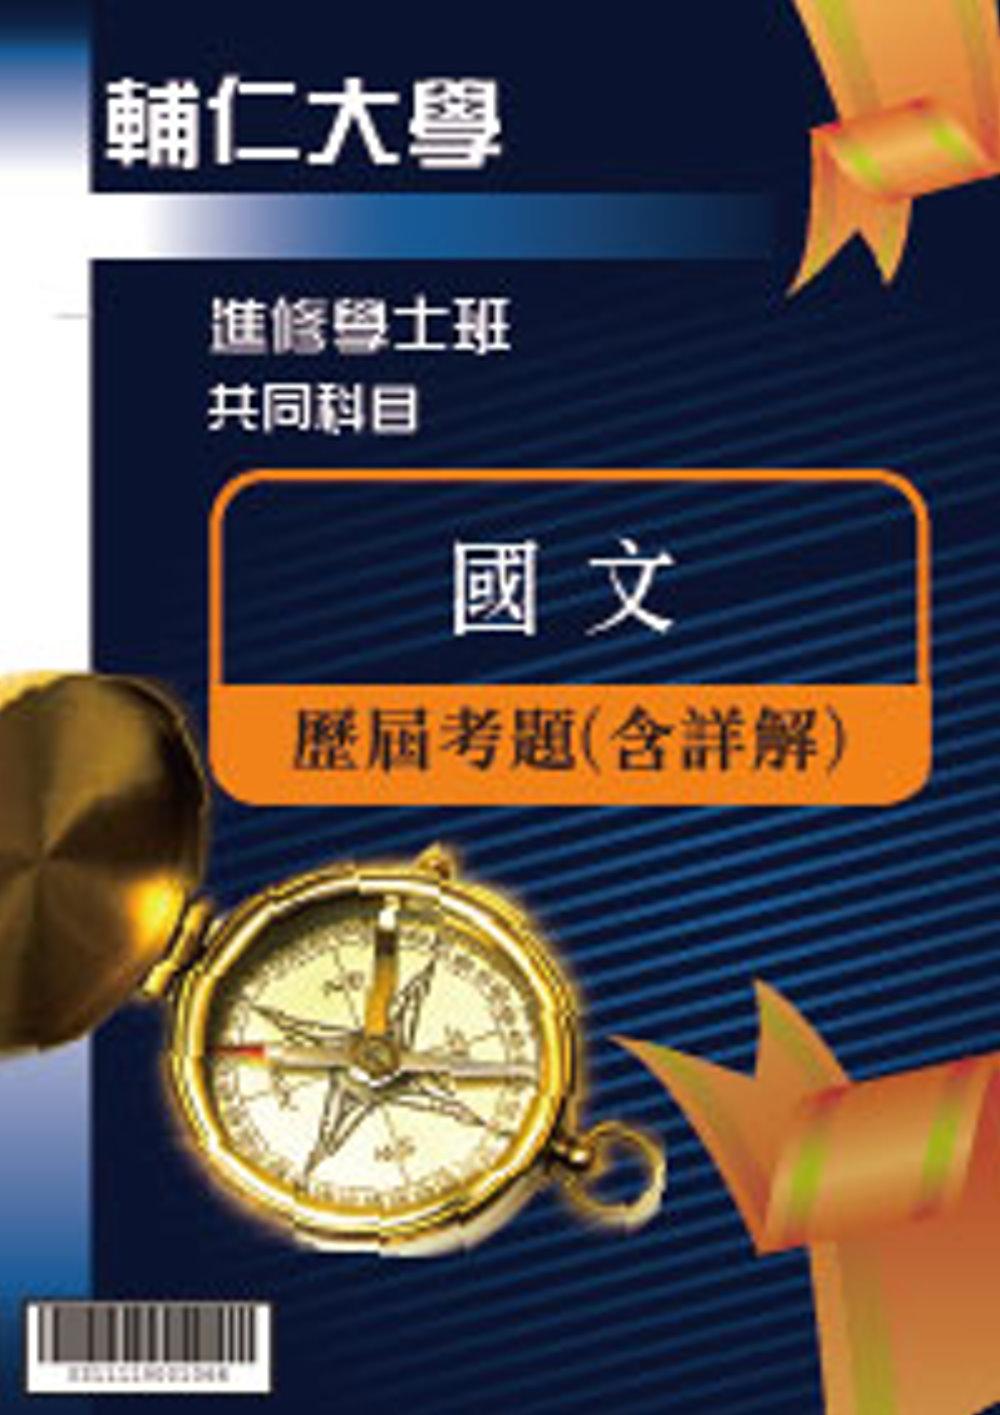 考古題解答-輔仁大學-進修學士 科目:國文 101/102/103/104/105/106